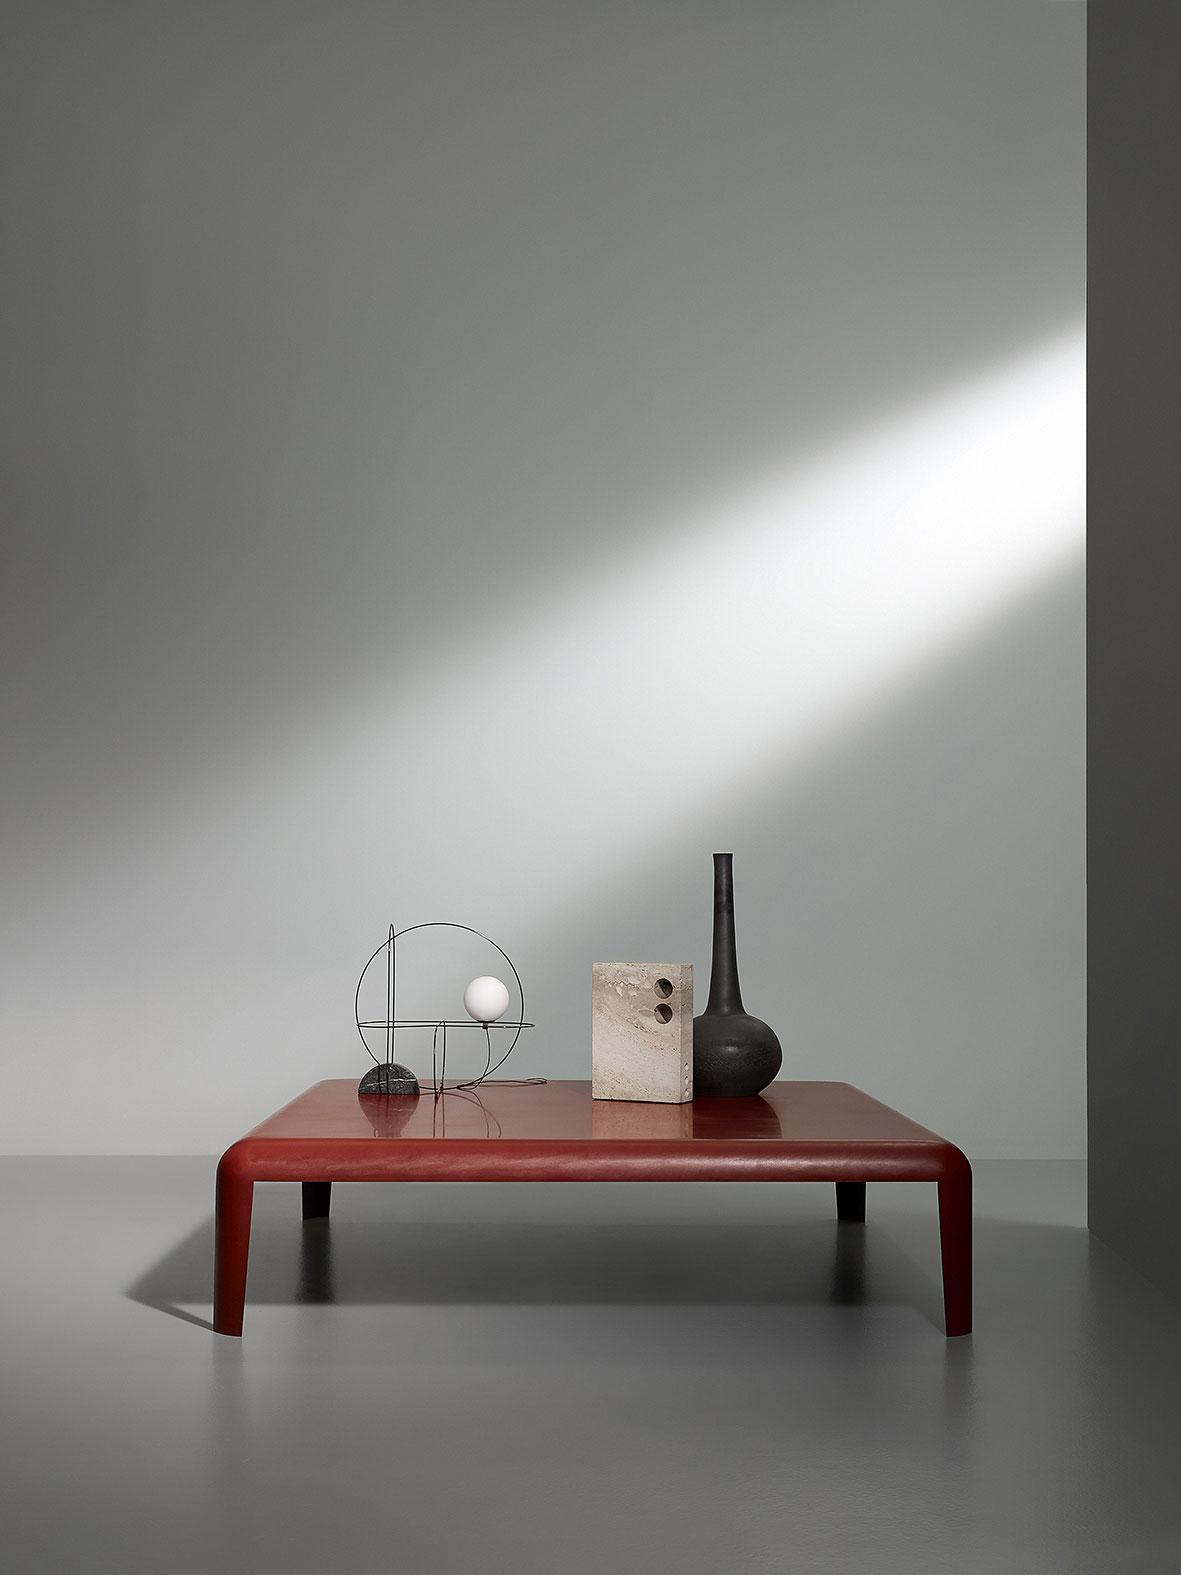 Porro, image:contract_immagini - Porro Spa - Lissoni 有限公司 - 纽约(美国)